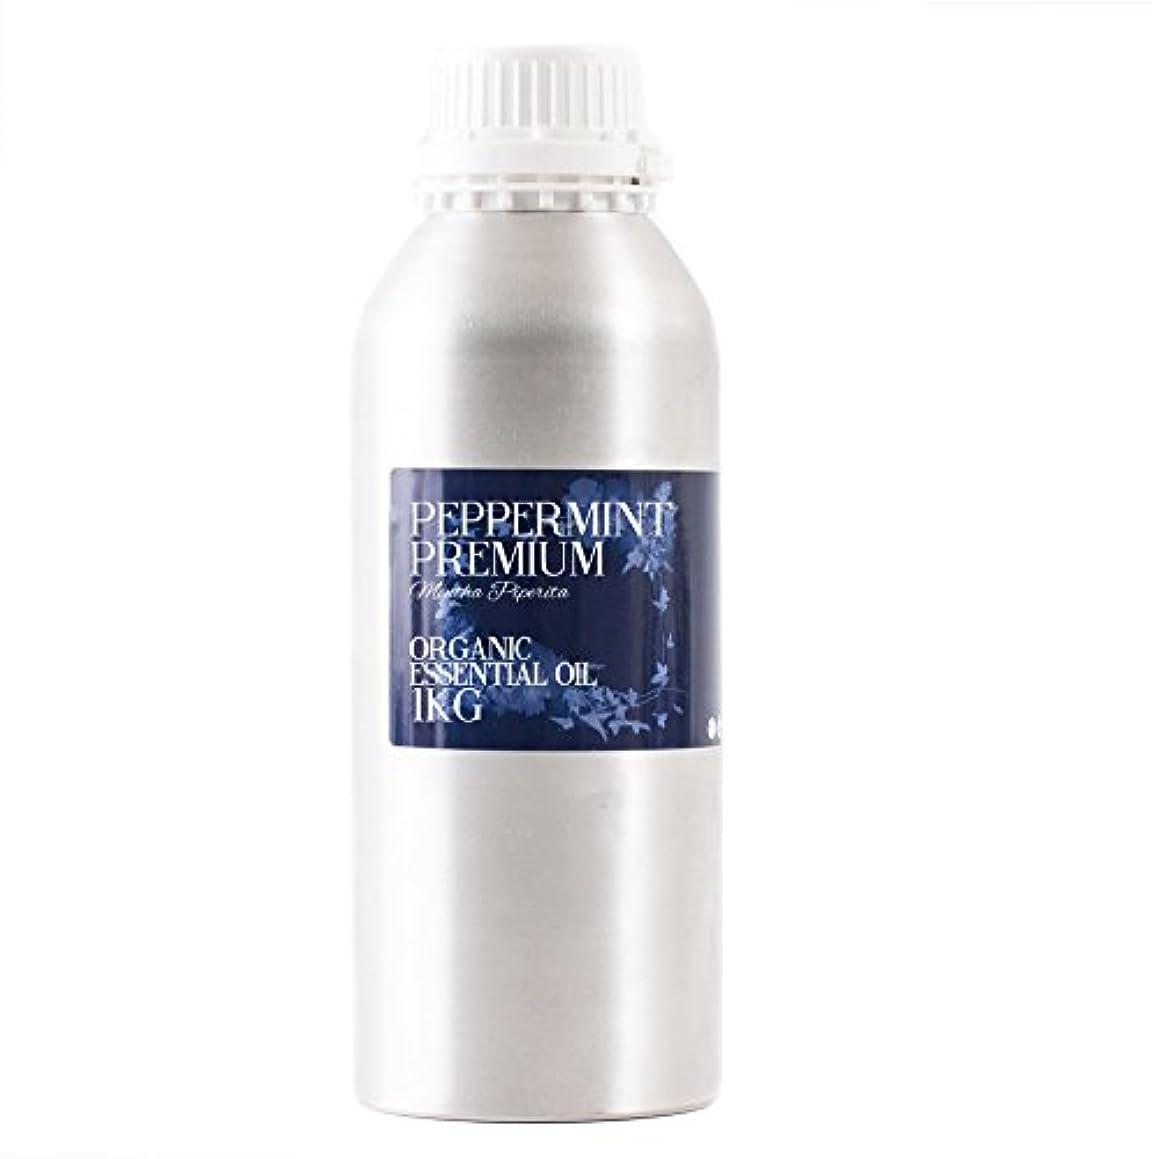 教会コンパクト構造的Mystic Moments | Peppermint Premium Organic Essential Oil - 1Kg - 100% Pure